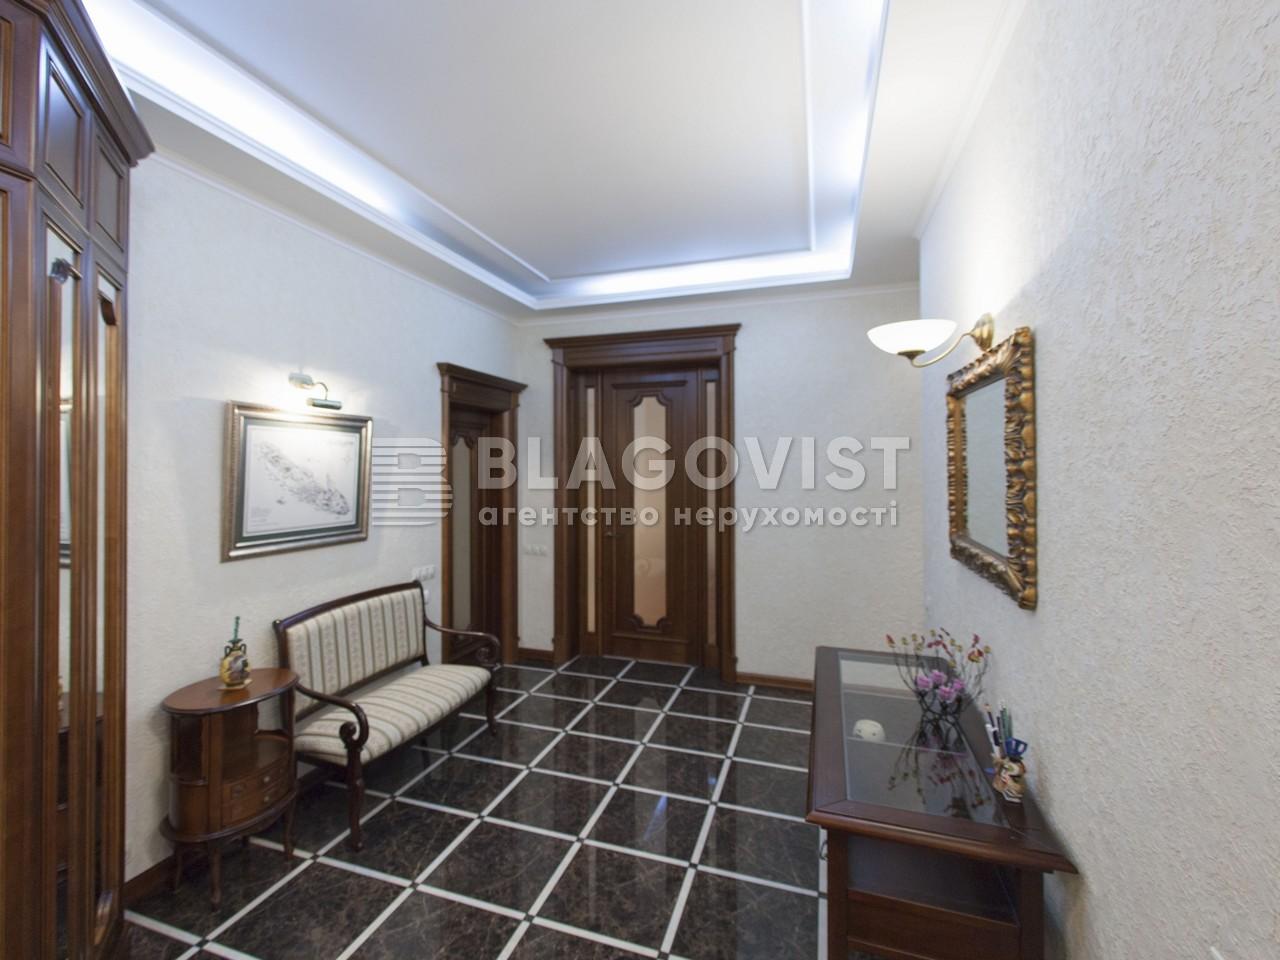 Квартира R-32922, Леси Украинки бульв., 7б, Киев - Фото 18